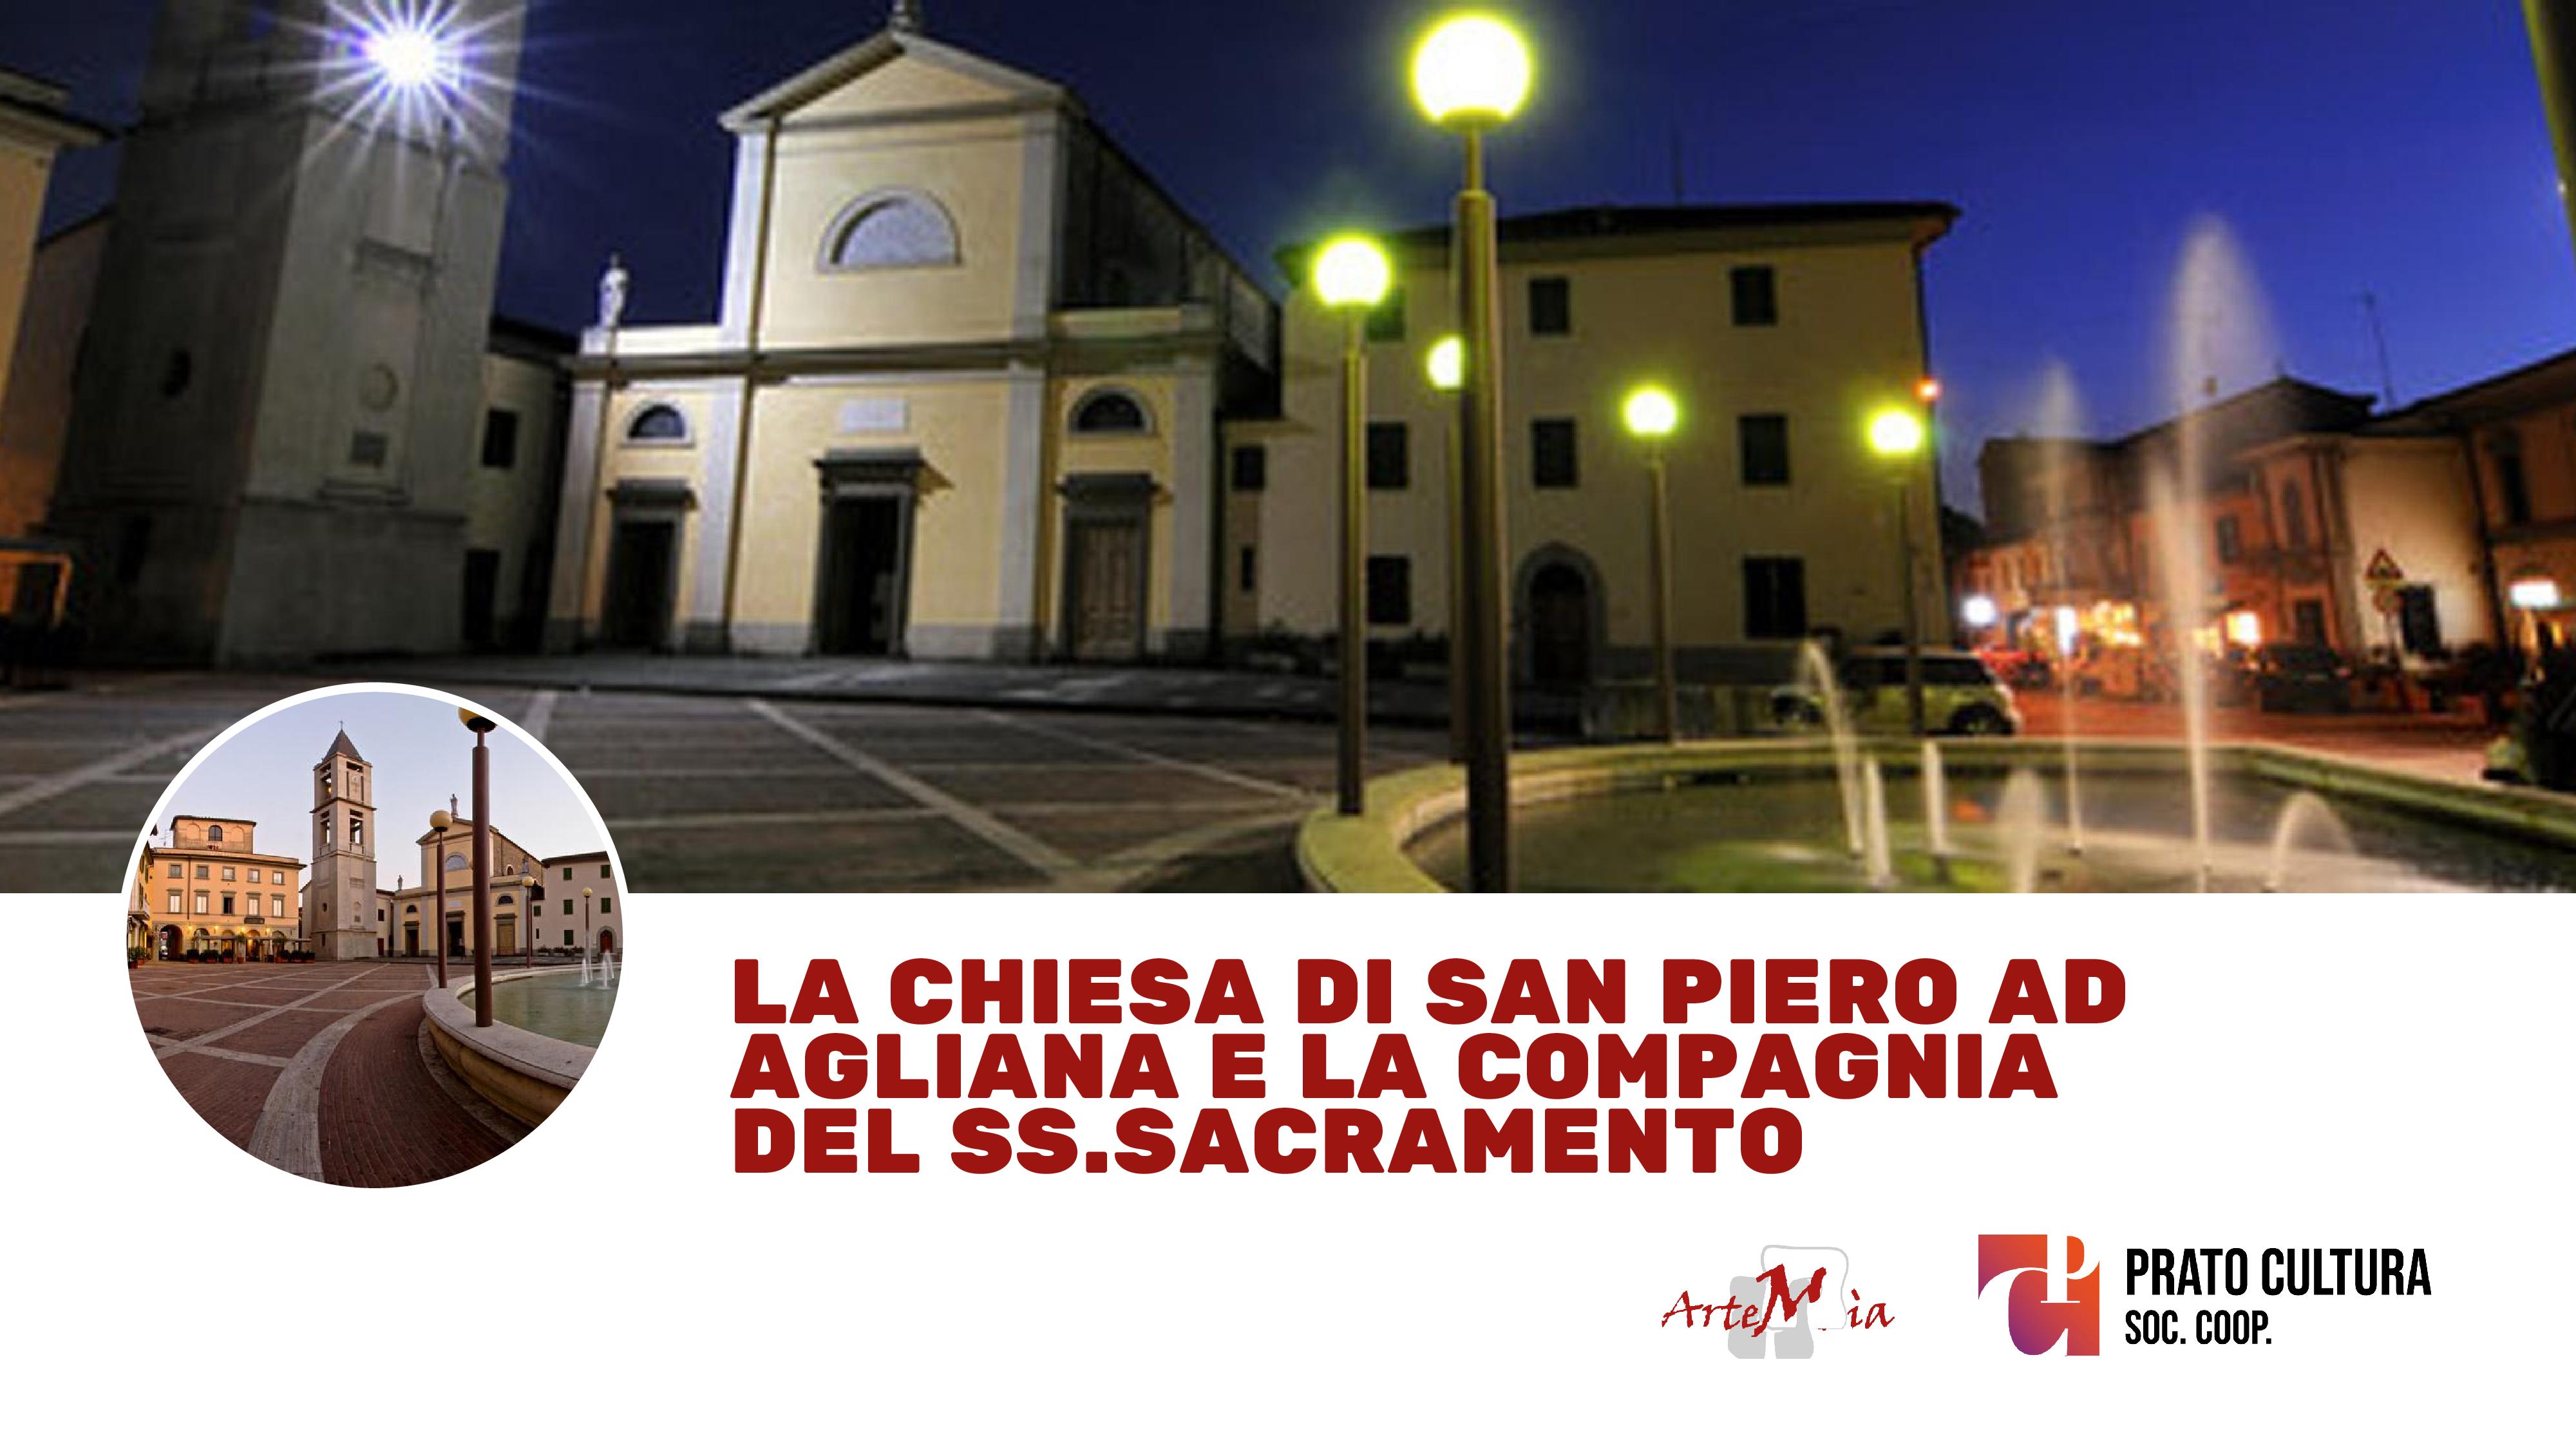 Visita: la chiesa di San Piero ad Agliana e la Compagnia del SS.Sacramento